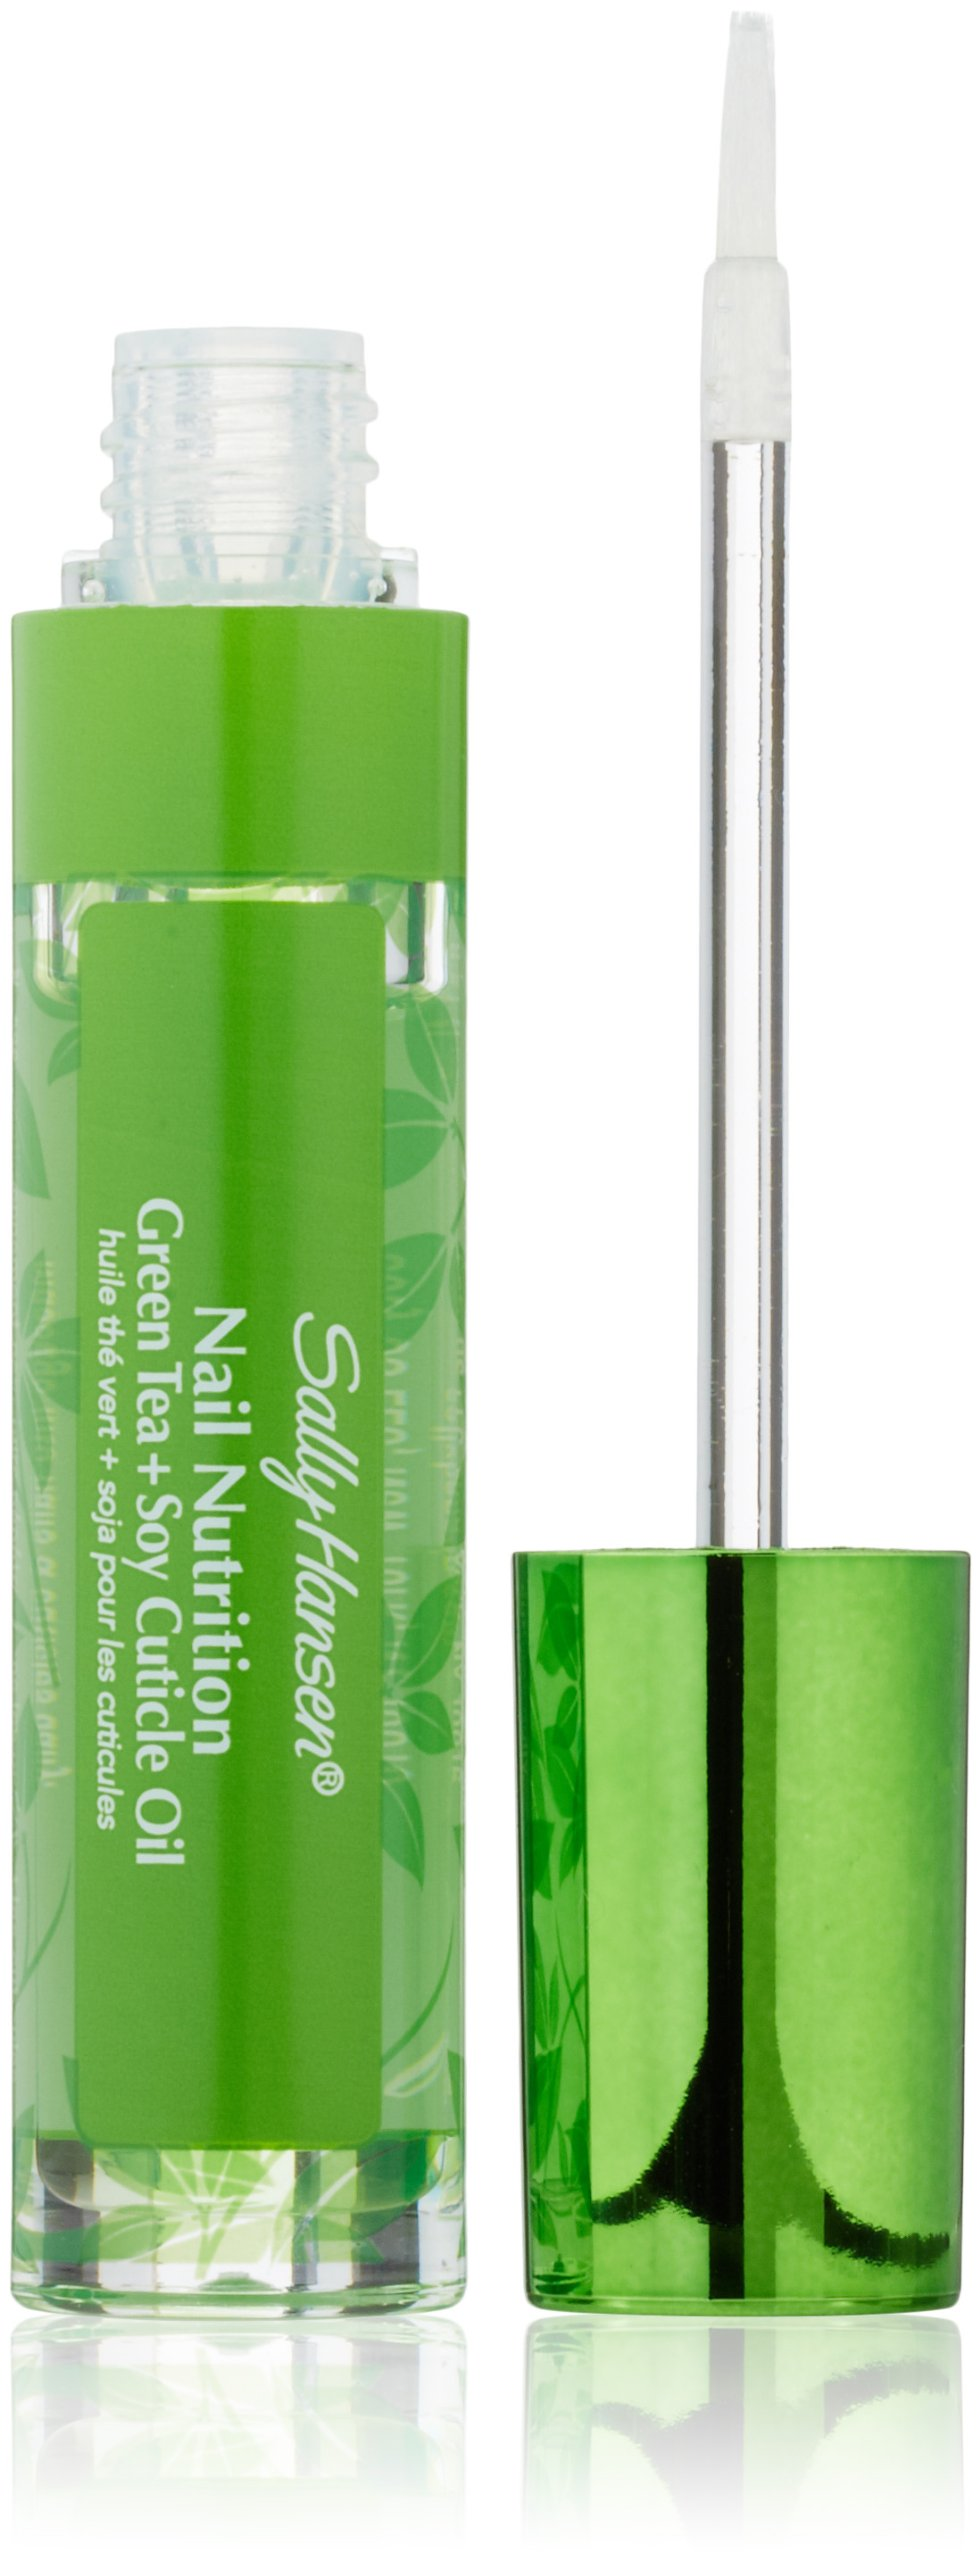 Sally Hansen Nail Nutrition Green Tea and Sandalwood Cuticle Treatment, 0.21 Fluid Ounce